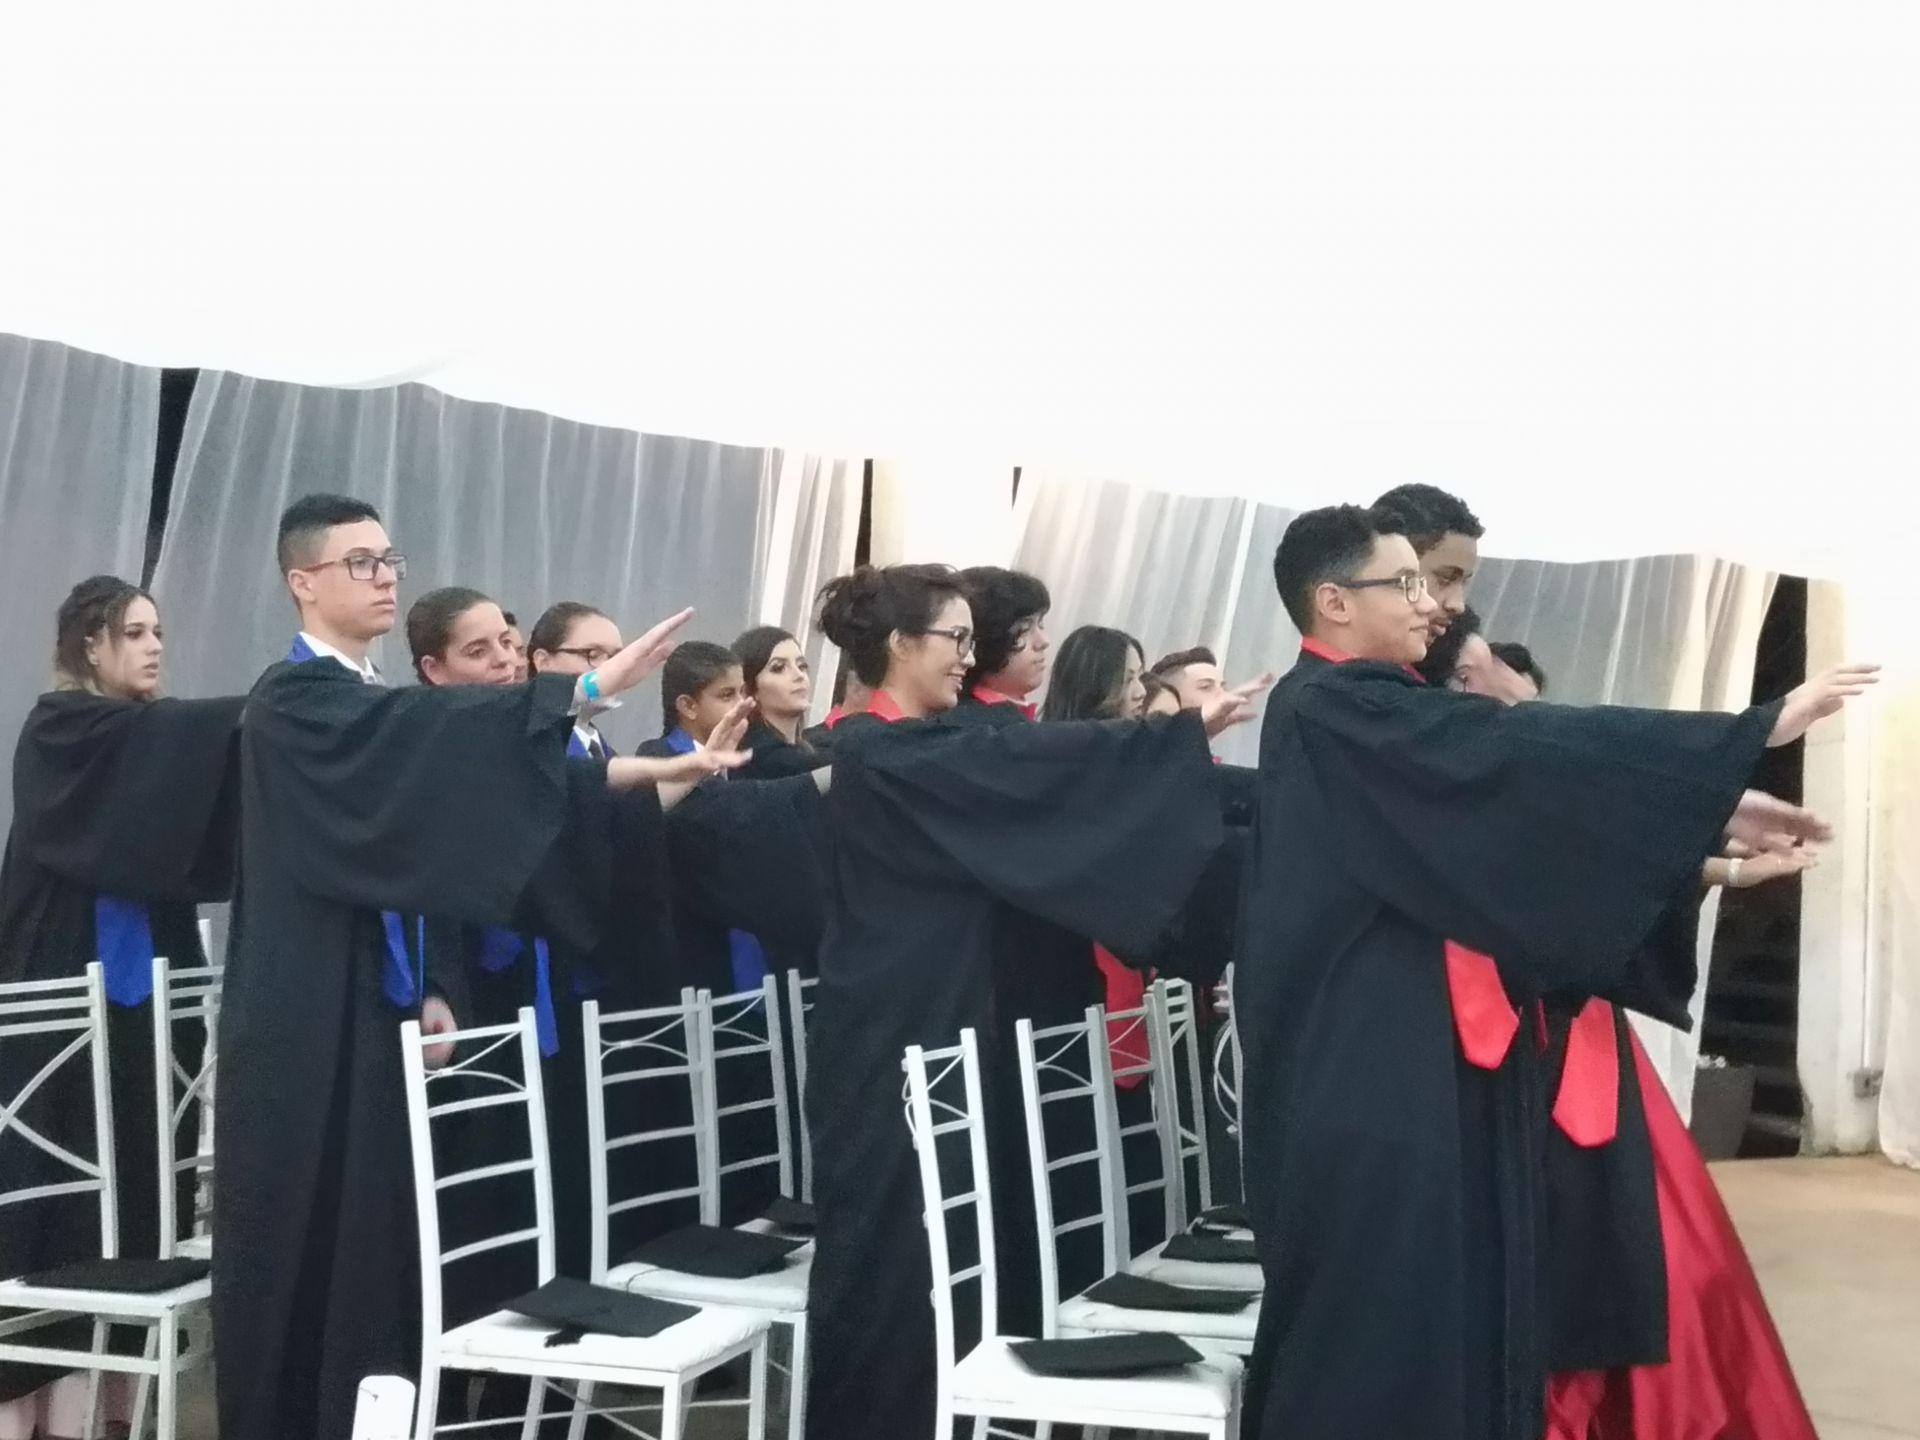 Formandos do 9ª série do Ensino Fundamental II e 3ª série do Ensino Médio